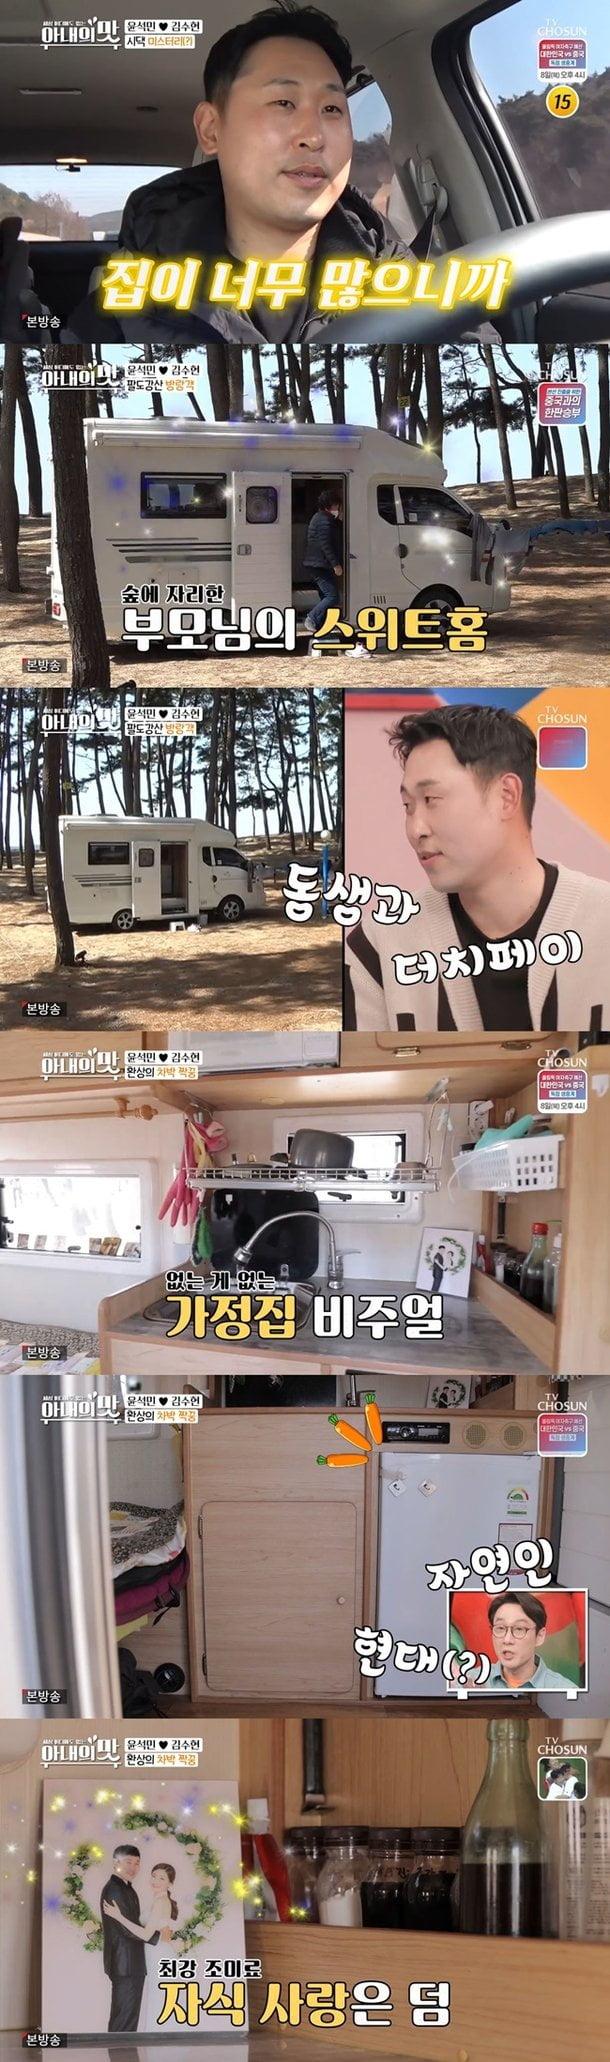 윤석민/사진=TV조선 '아내의 맛'